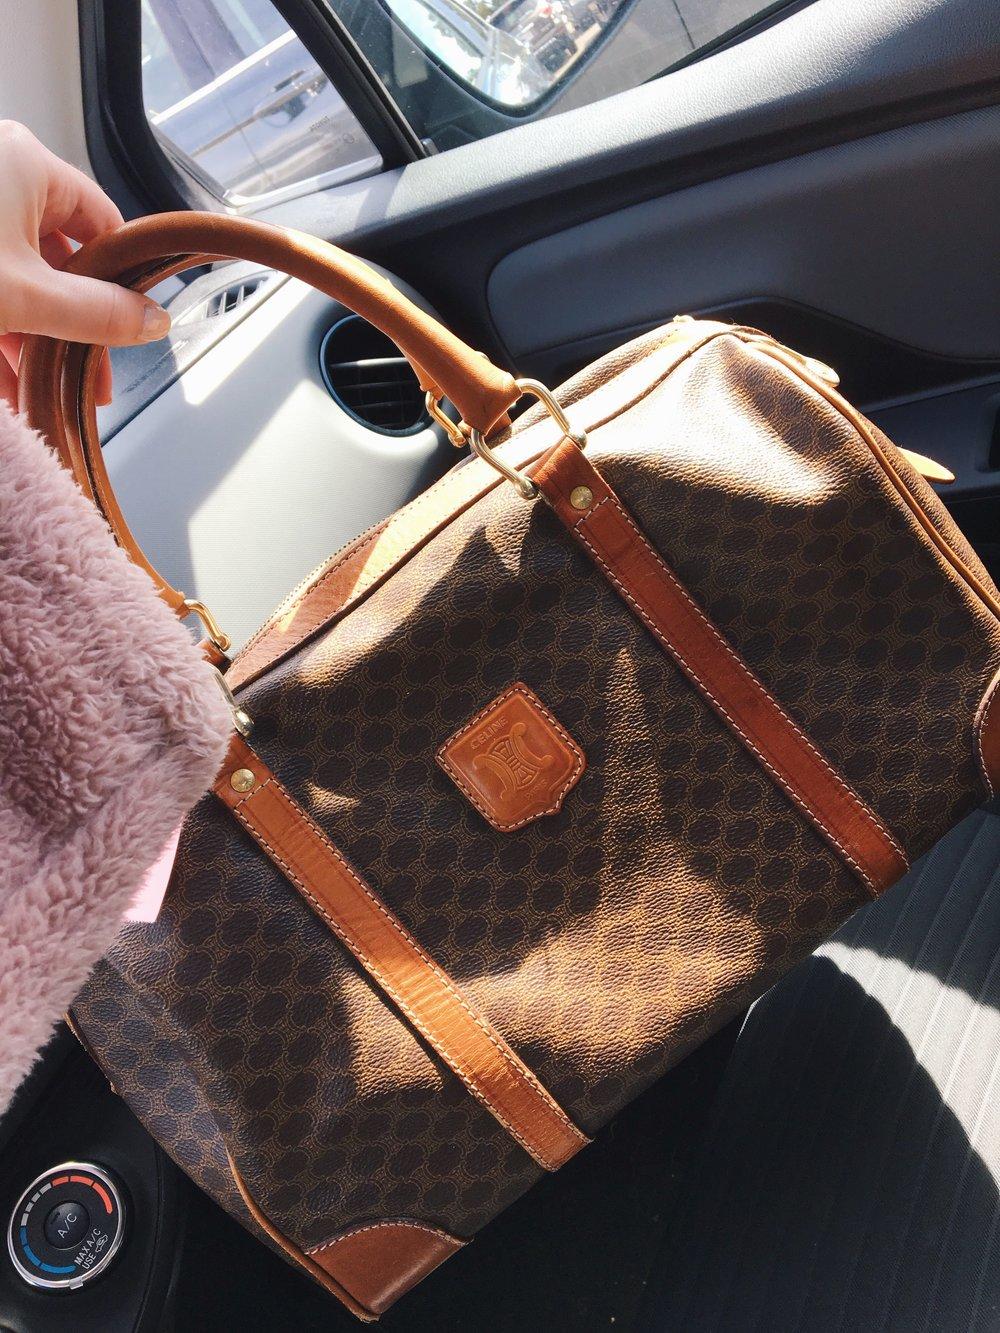 The Celine bag.